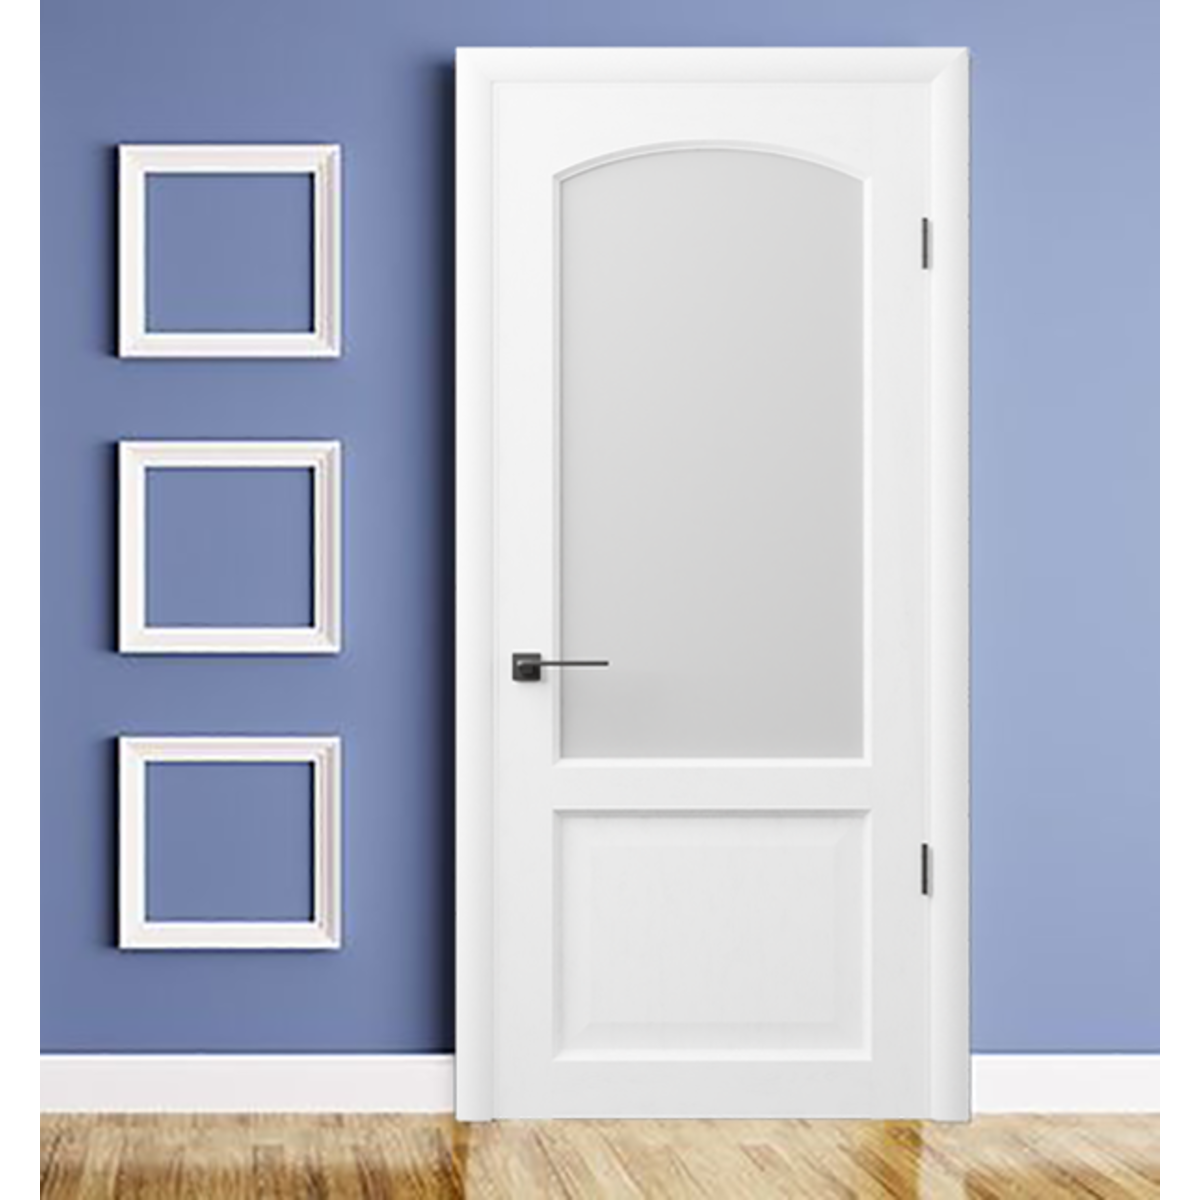 Дверь Межкомнатная Остеклённая 853 60x200 Шпон Цвет Дуб Белая Эмаль